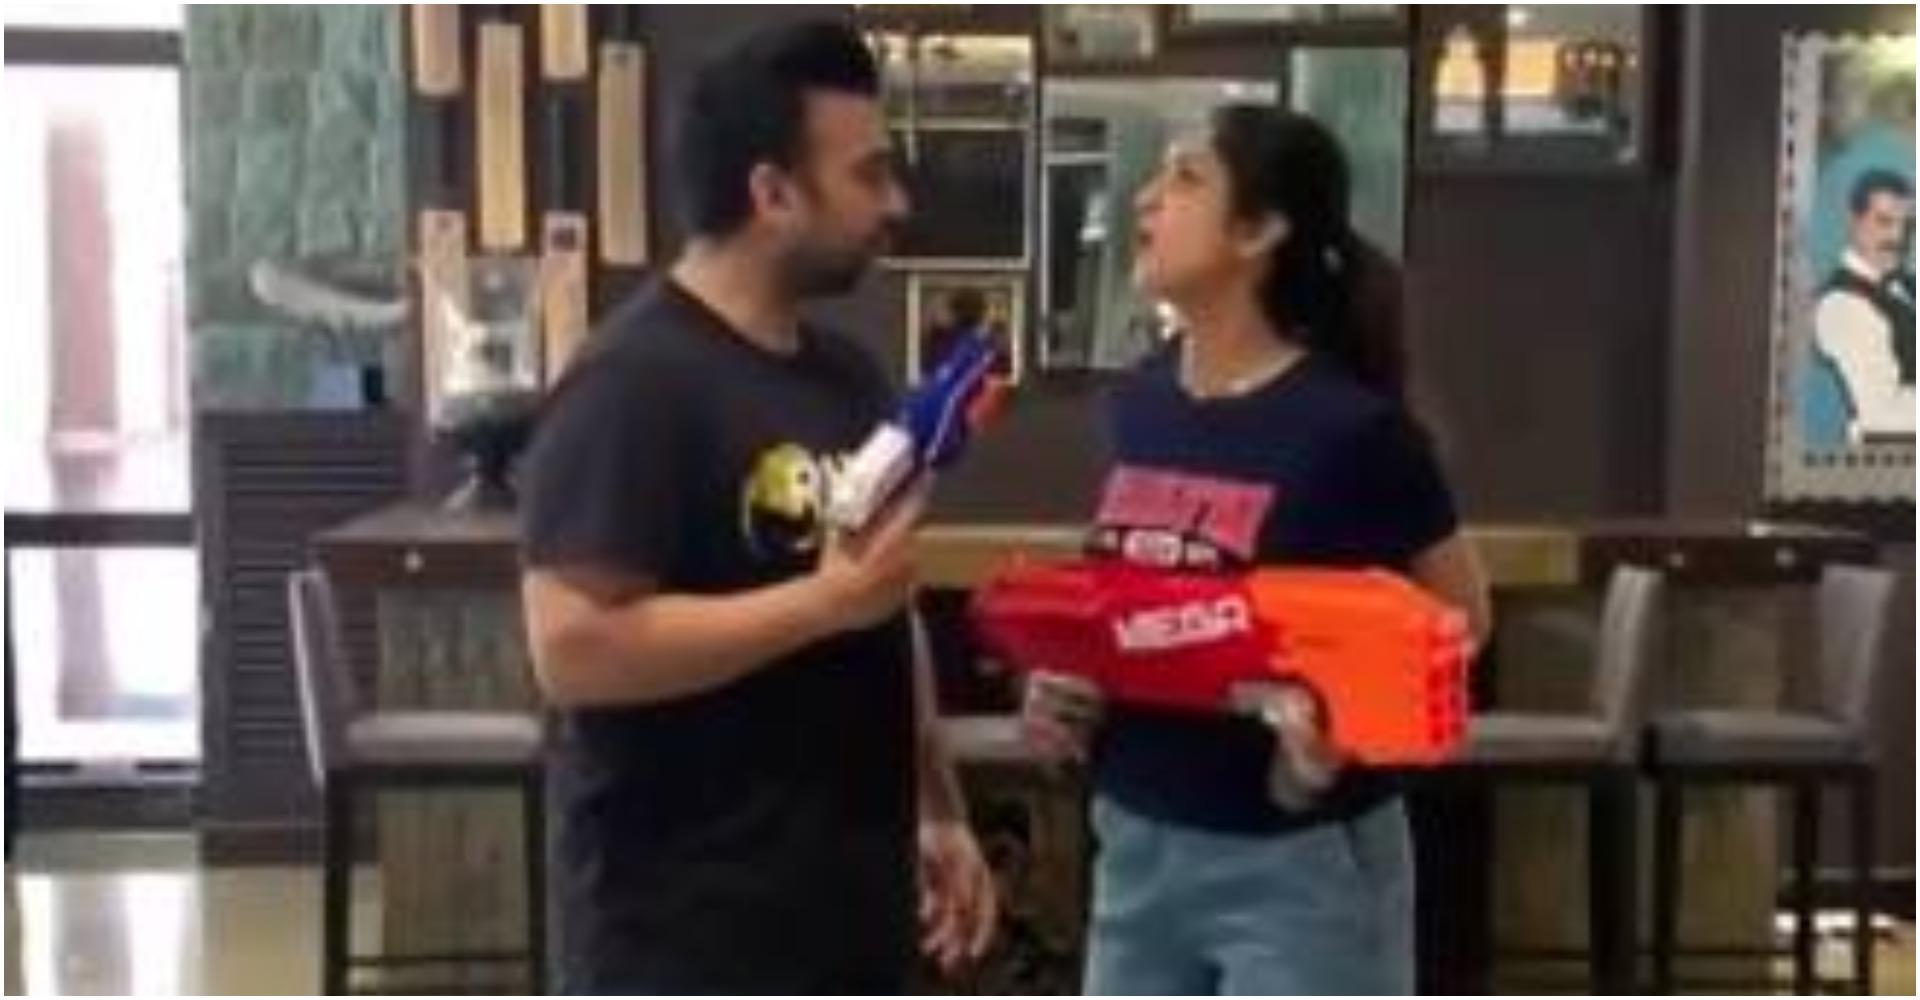 शिल्पा शेट्टी और राज कुंद्रा के बीच छिड़ा युद्ध, वजह है नारायण उर्फ़ बेटा वियान, देखें मजेदार वीडियो